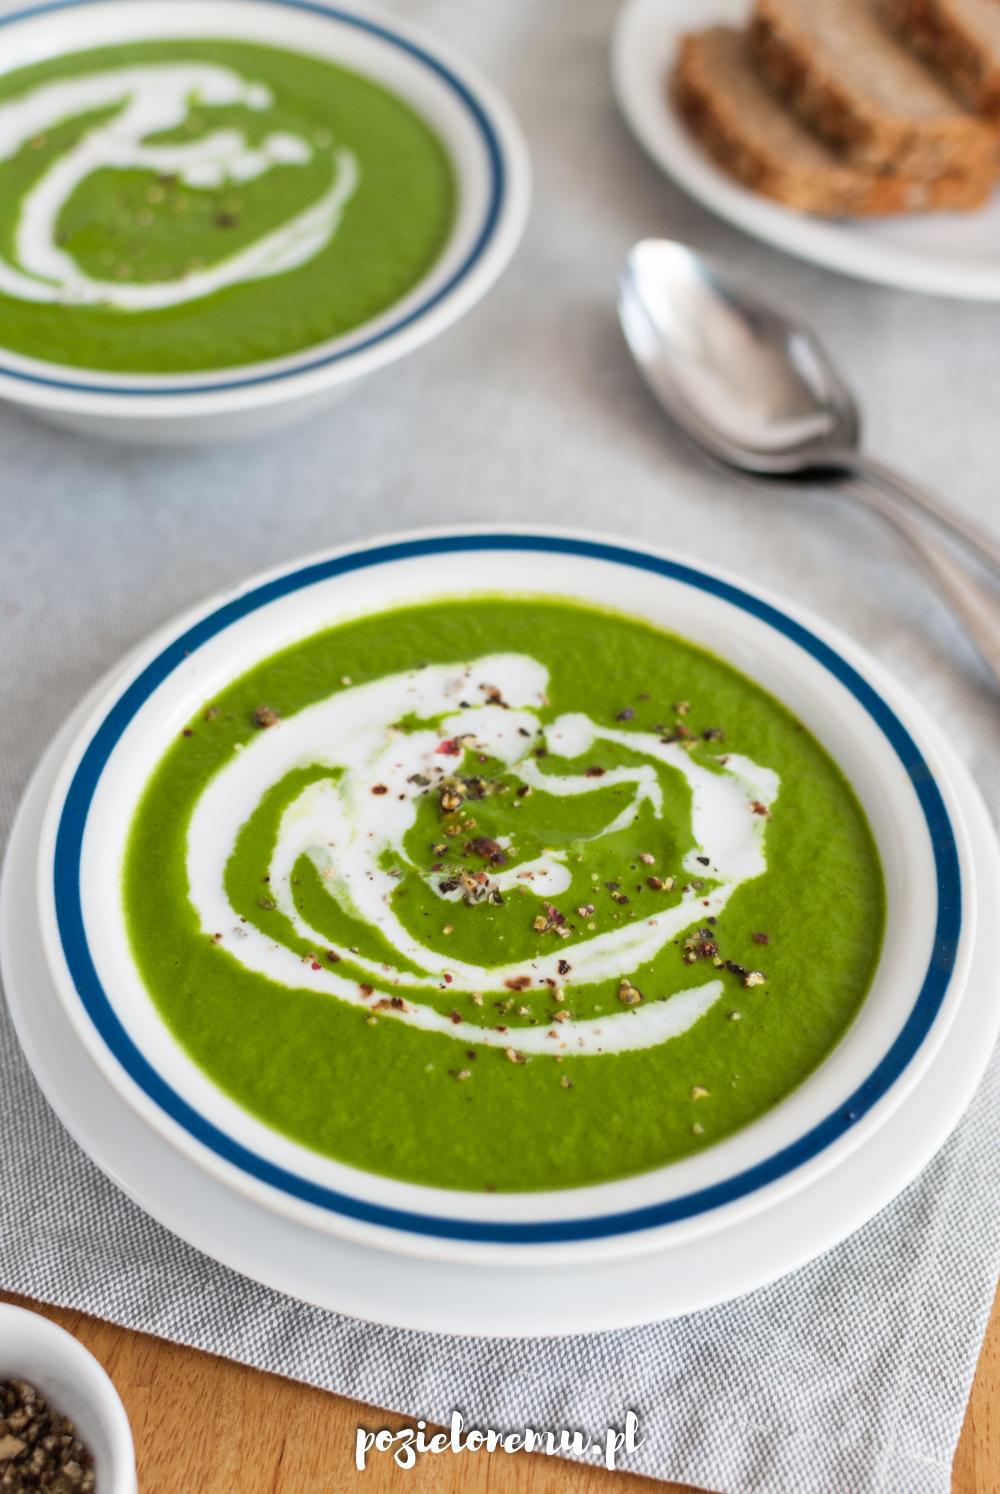 Soczyście zielony krem z cukinii i szpinaku